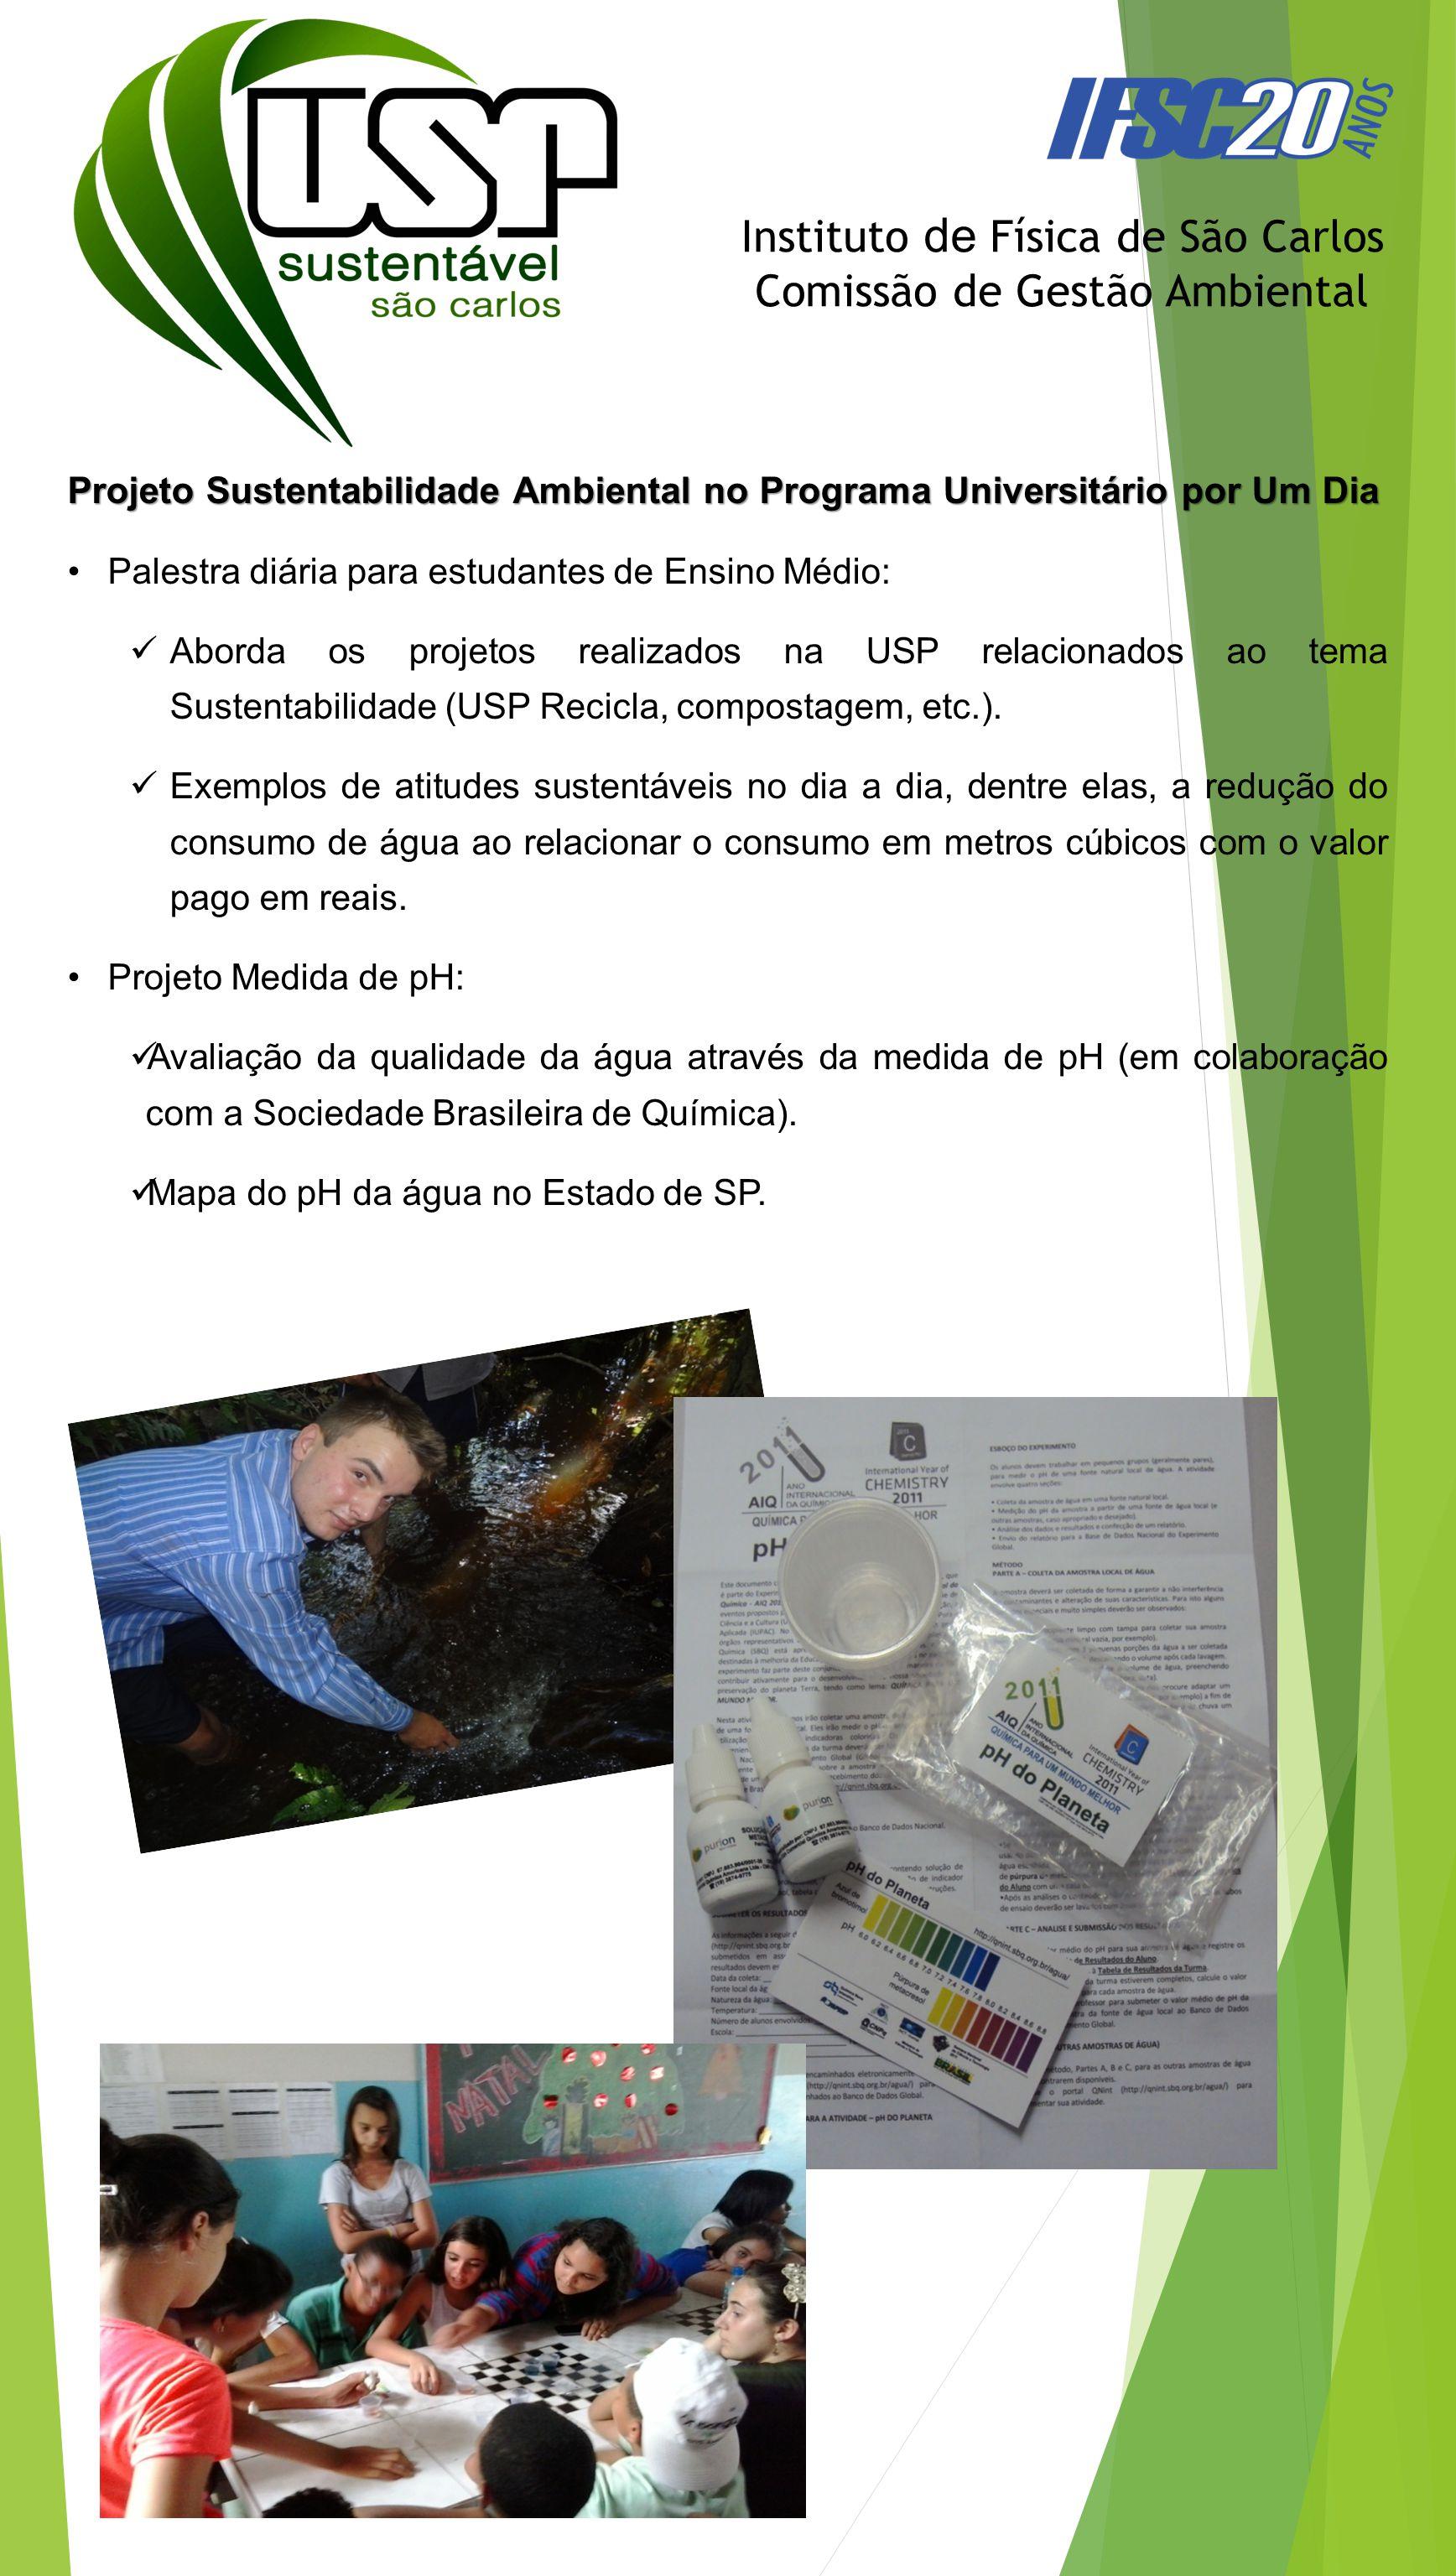 Projeto Sustentabilidade nas Escolas Palestras nas Escolas Públicas de São Carlos Inicialmente serão visitadas 10 escolas Aborda os projetos realizados na USP.